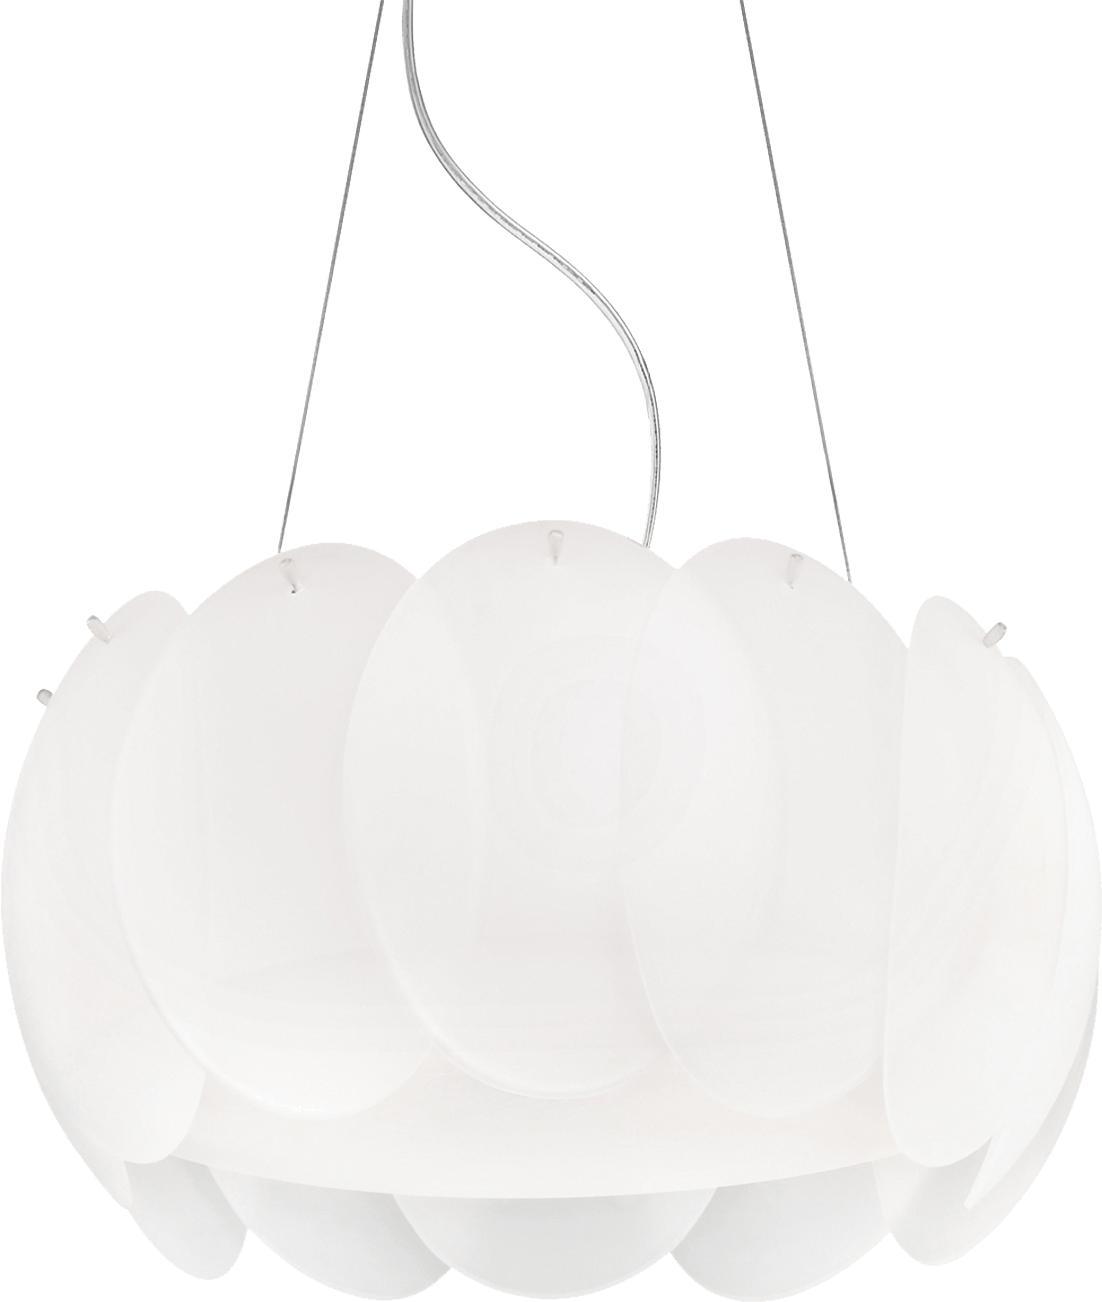 Ideal lux LED Ovalino bianco haengende Lampe 5x5W 74139